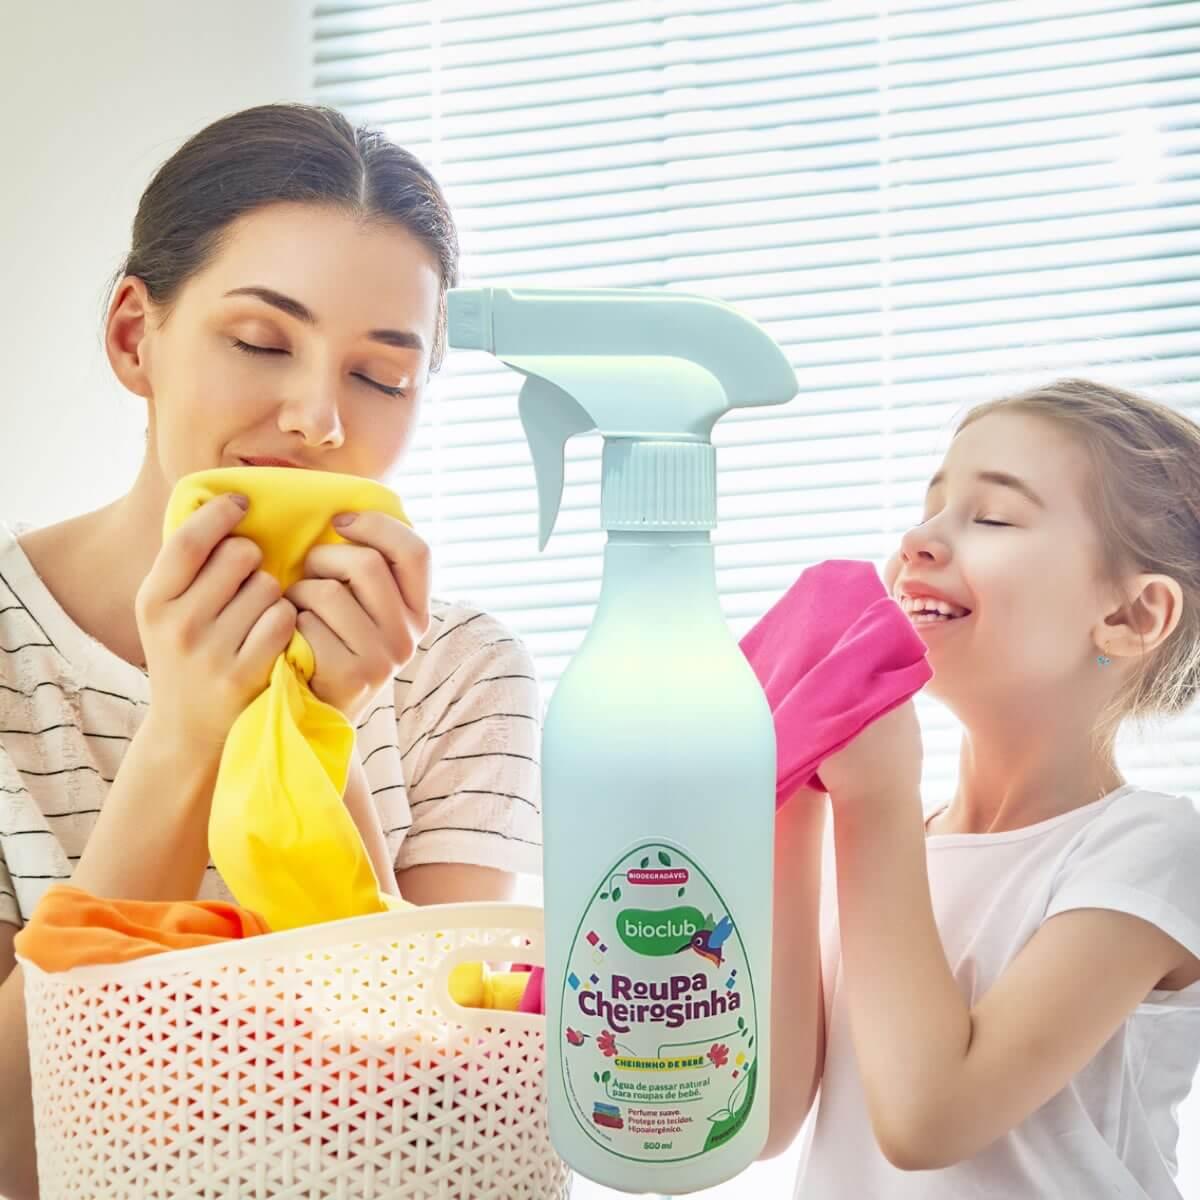 Roupa Cheirosinha Cheirinho de Bebê Bioclub® 500ml